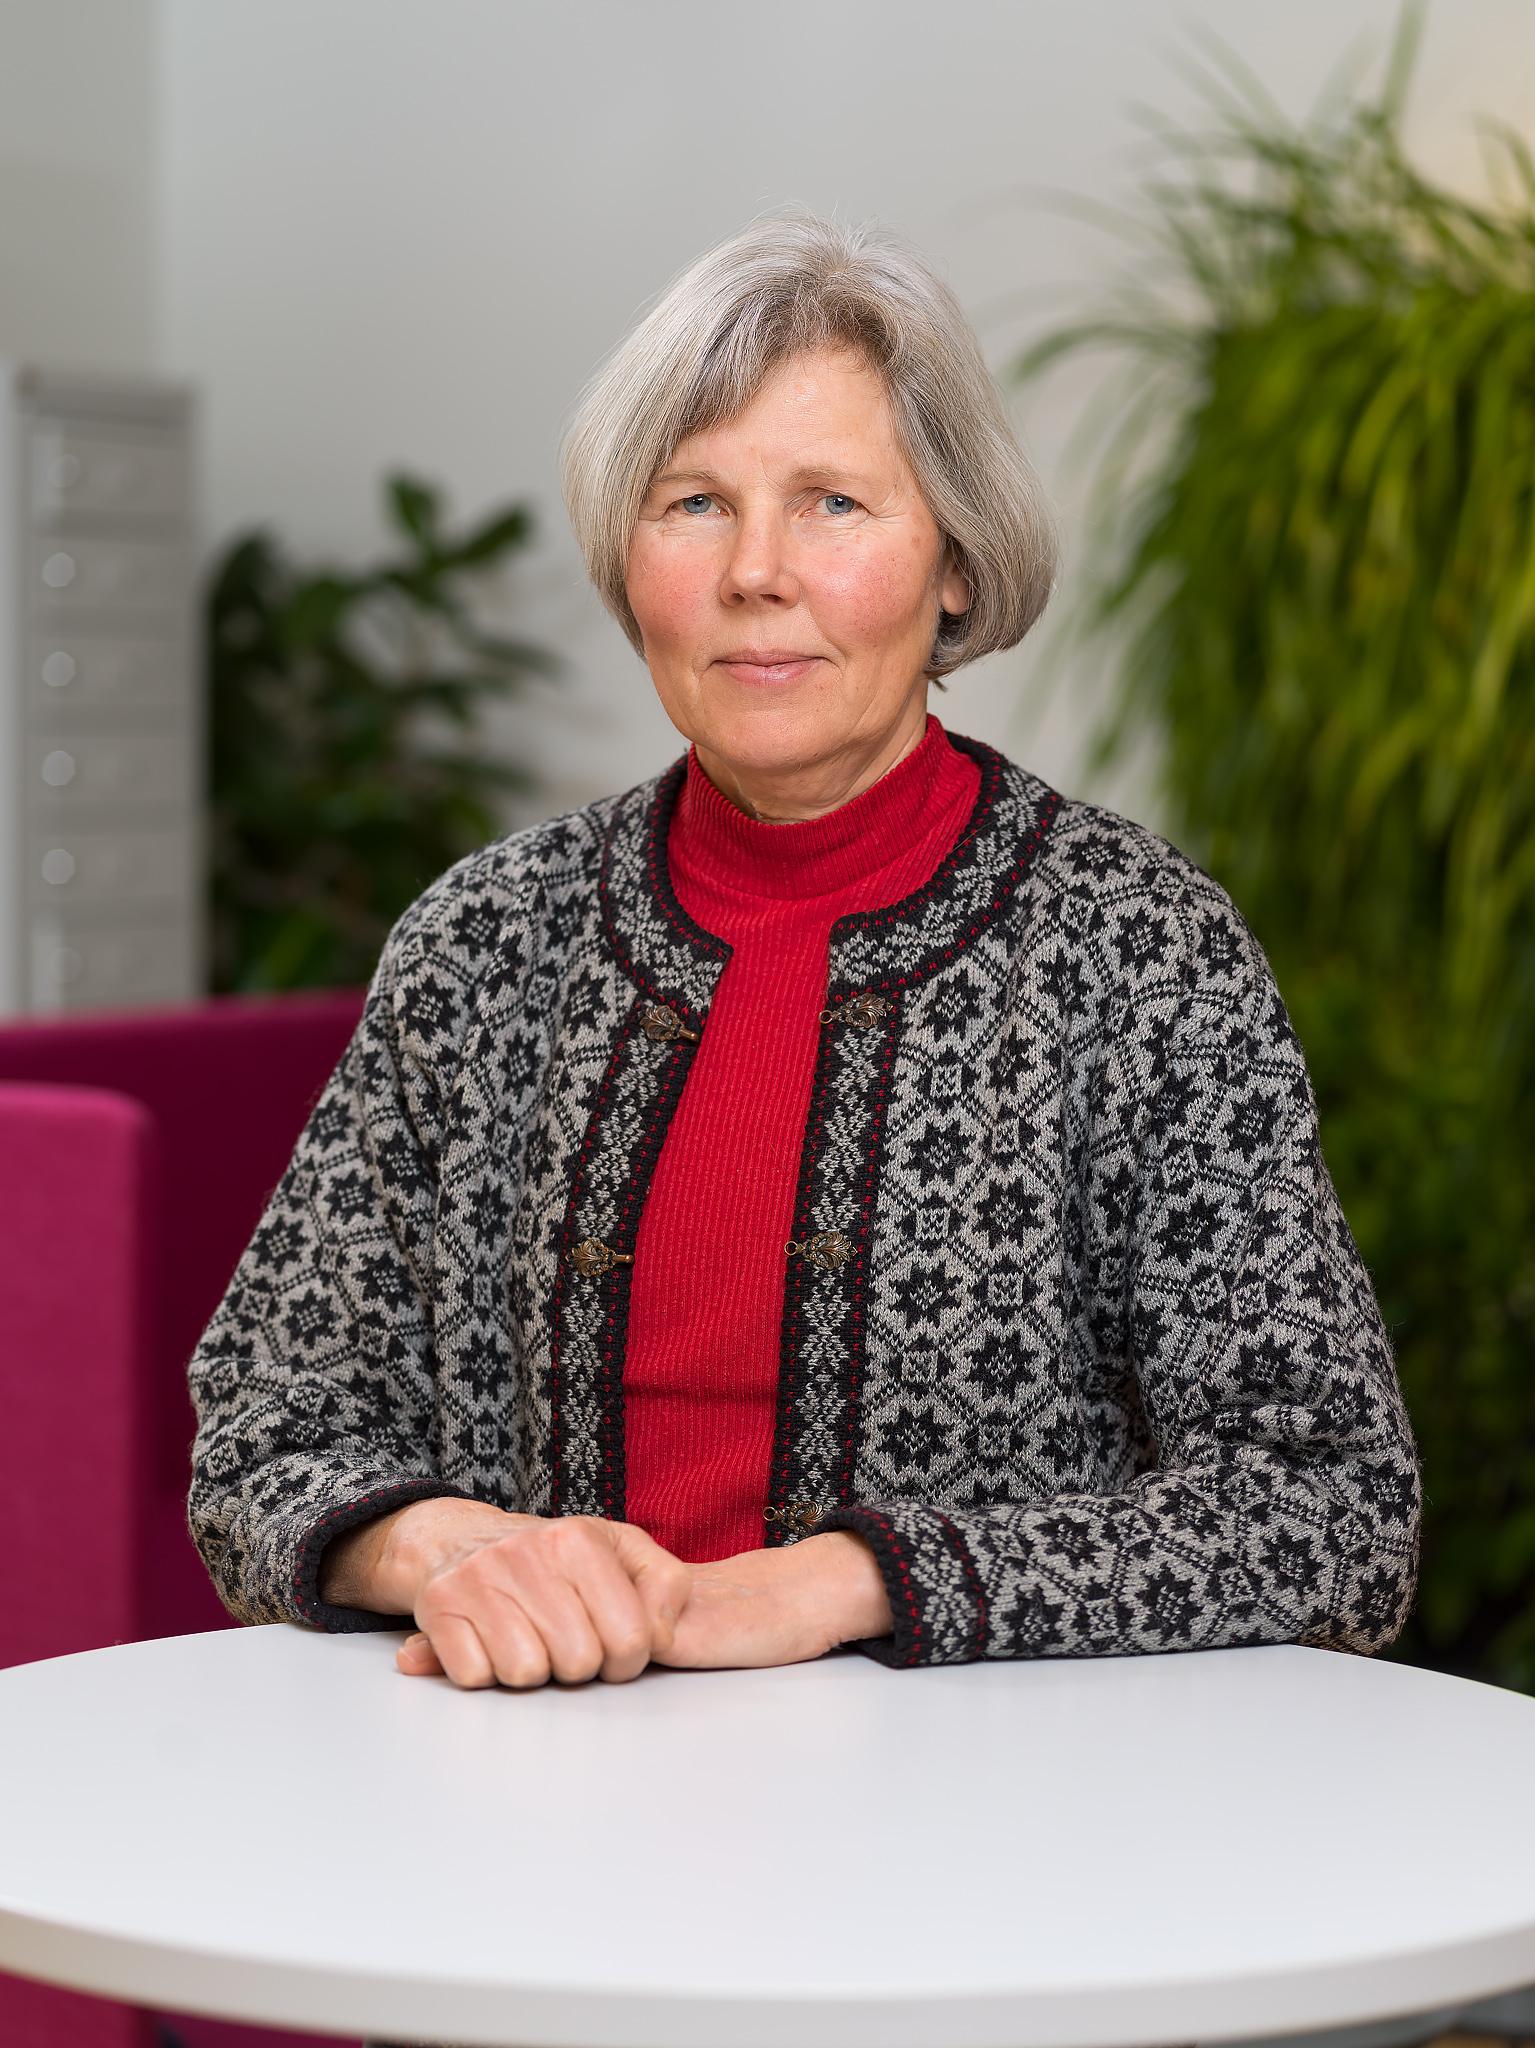 Ann Albihn